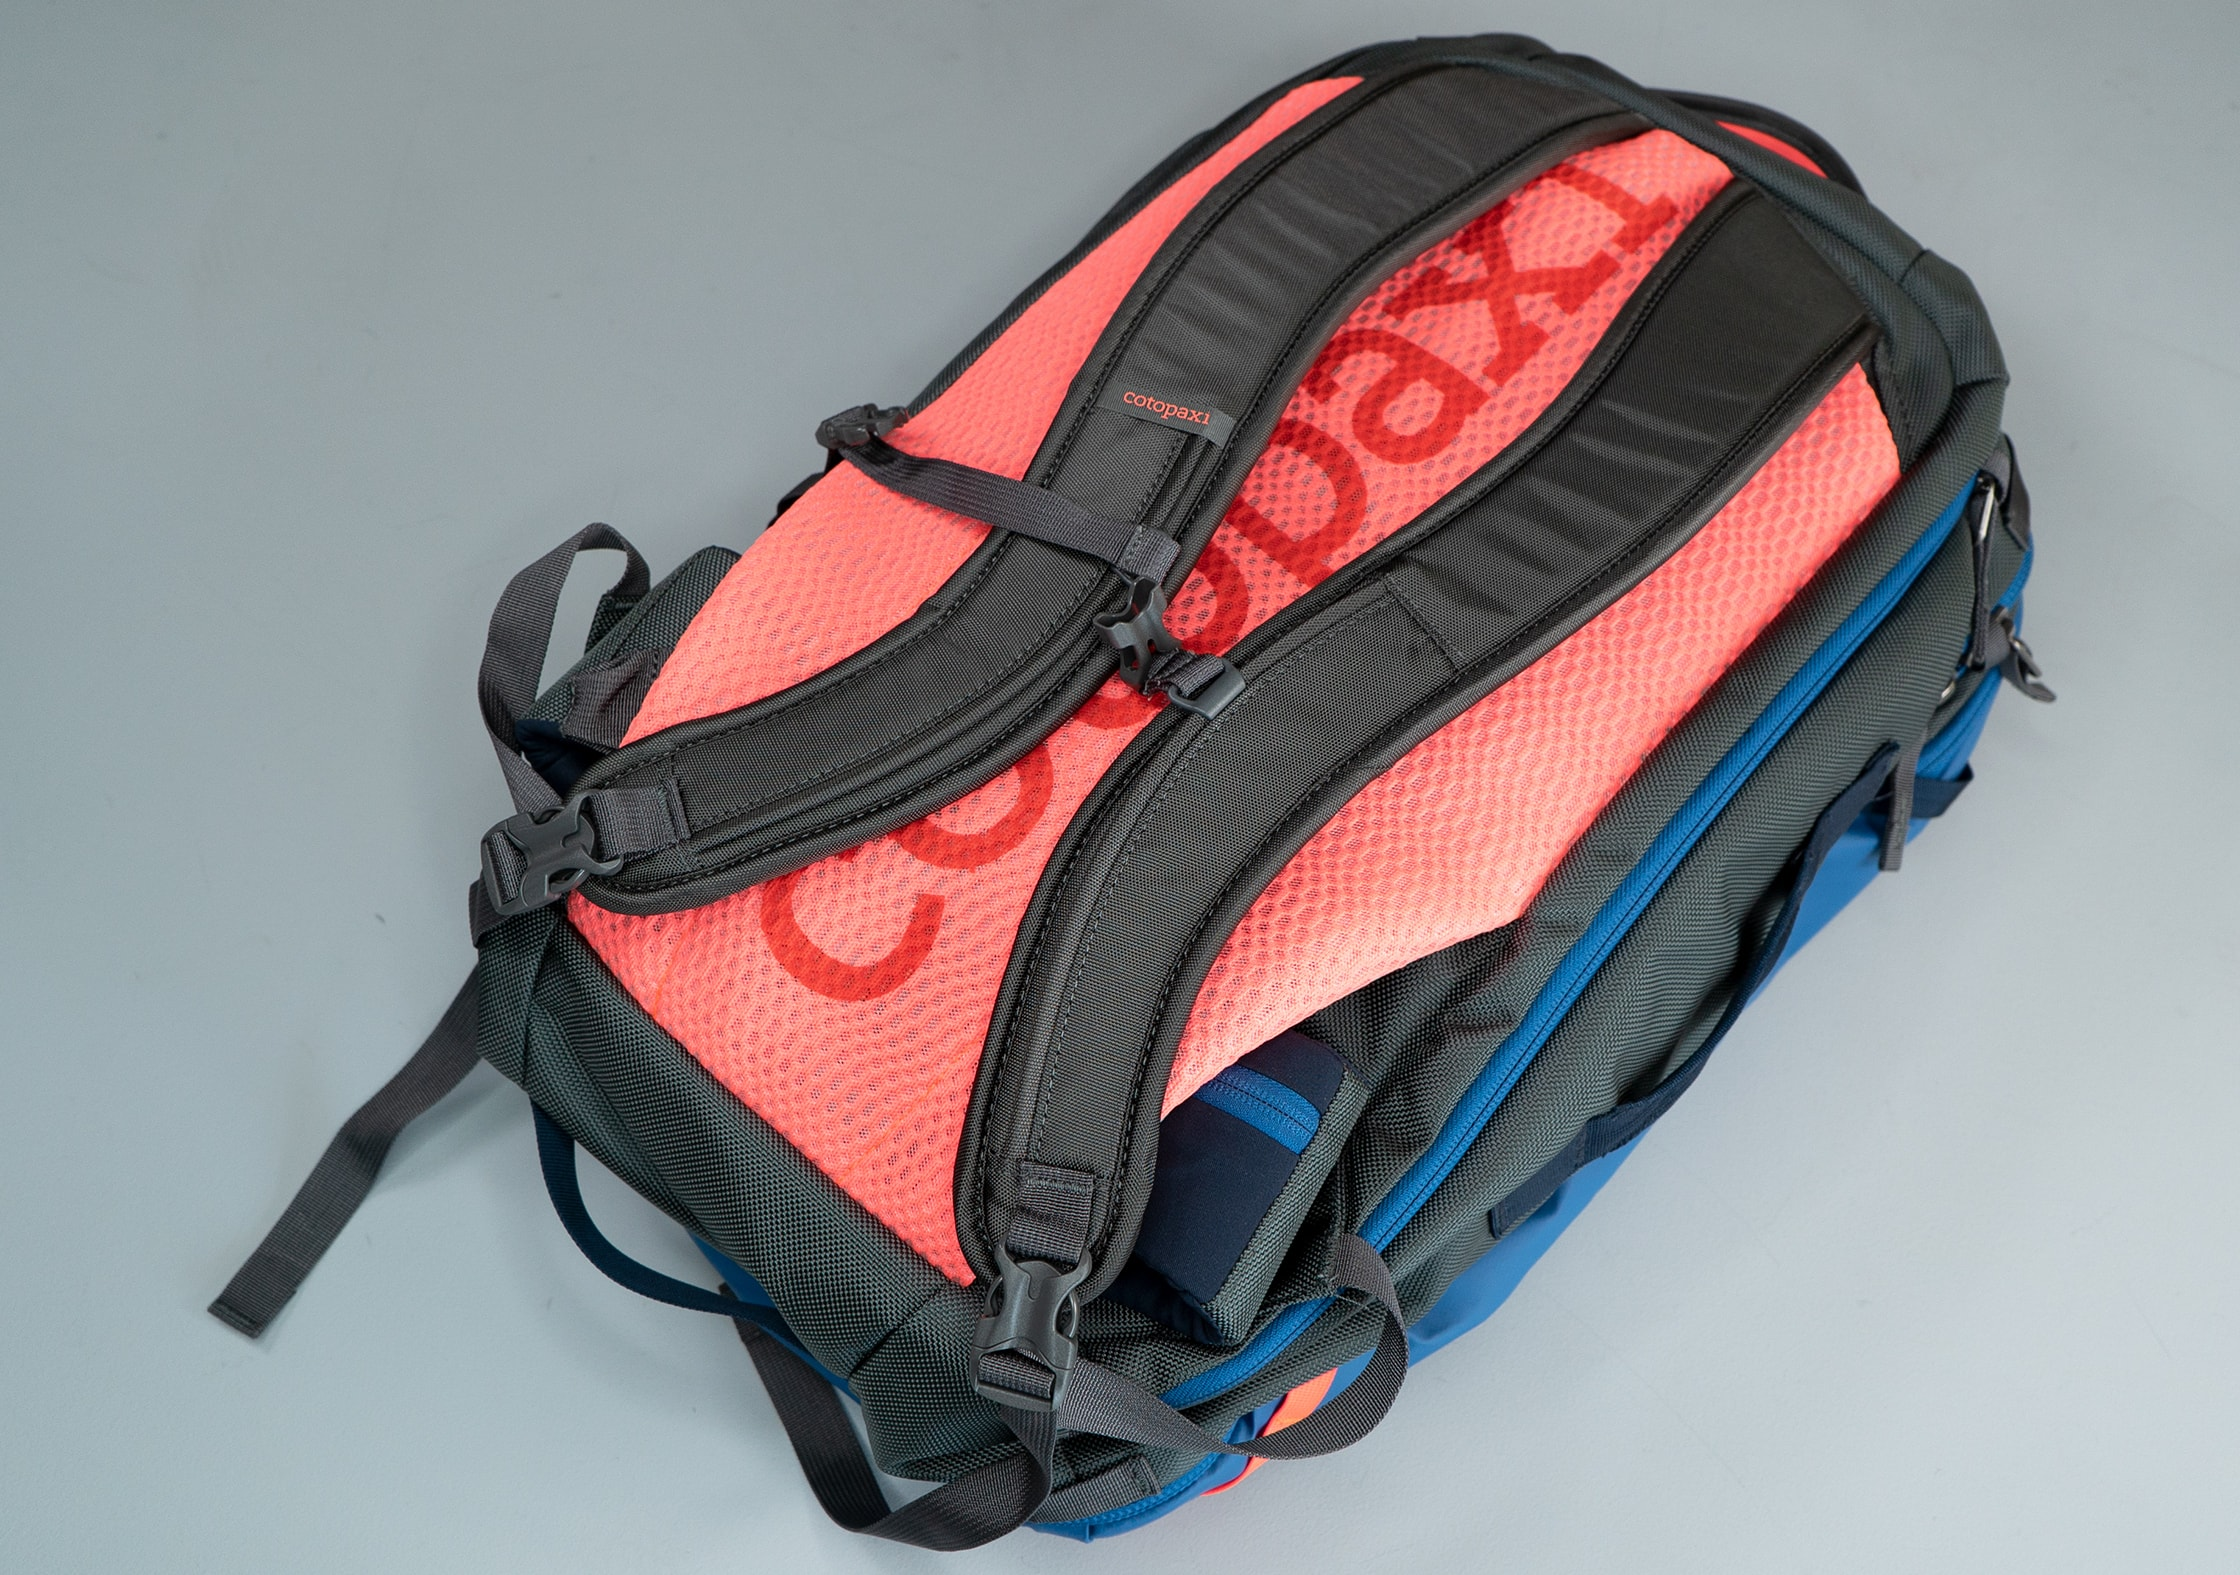 Cotopaxi Allpa 35L Details